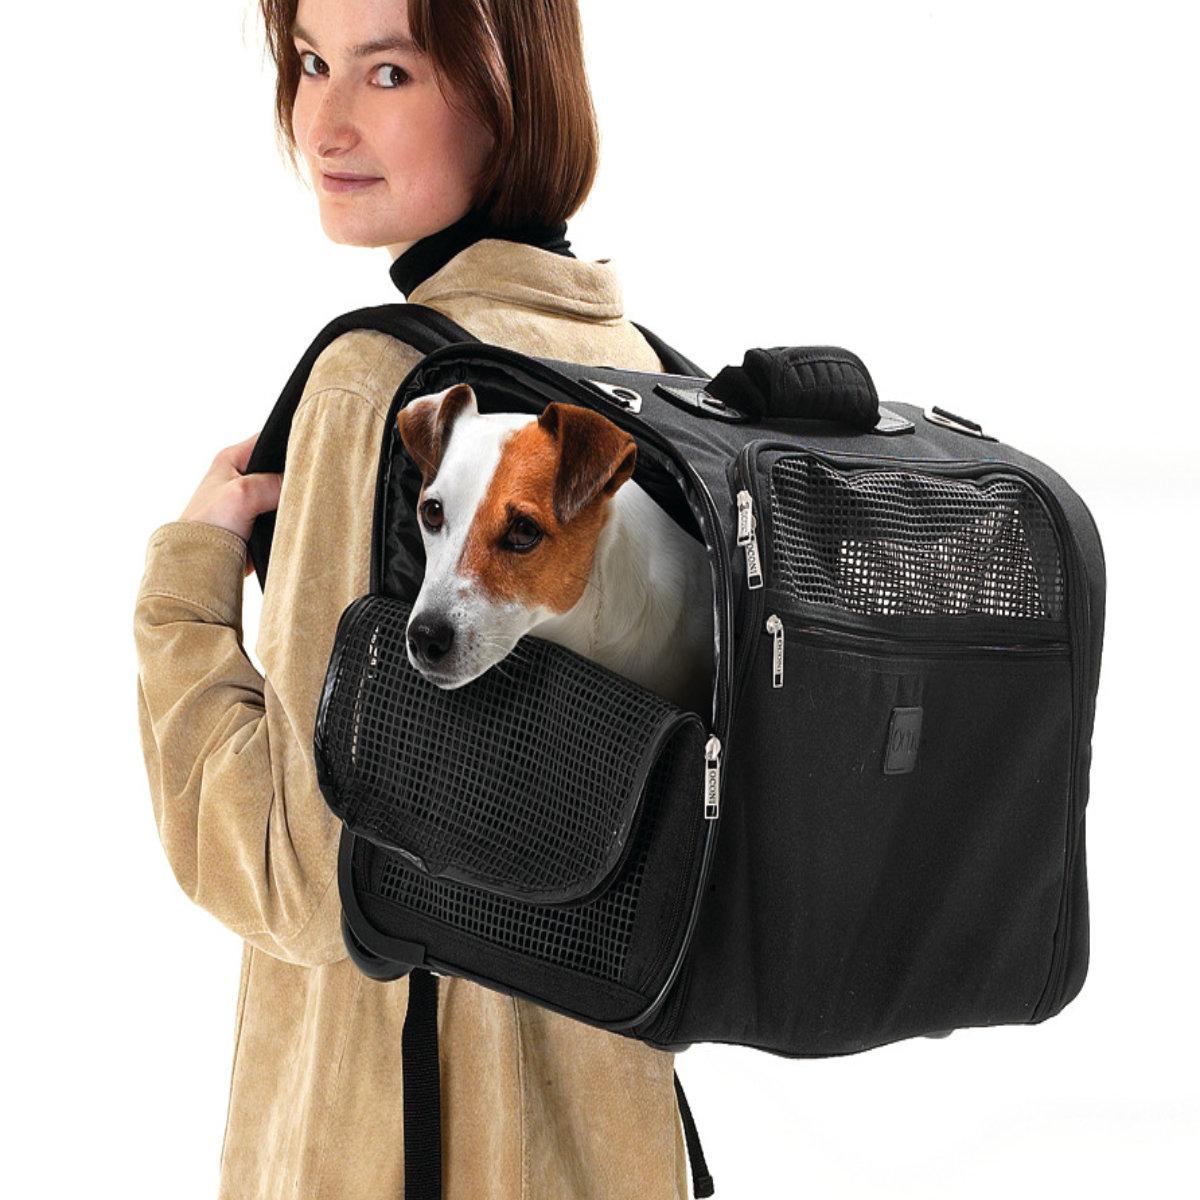 karlie flamingo transporttasche rucksack smart trolley. Black Bedroom Furniture Sets. Home Design Ideas